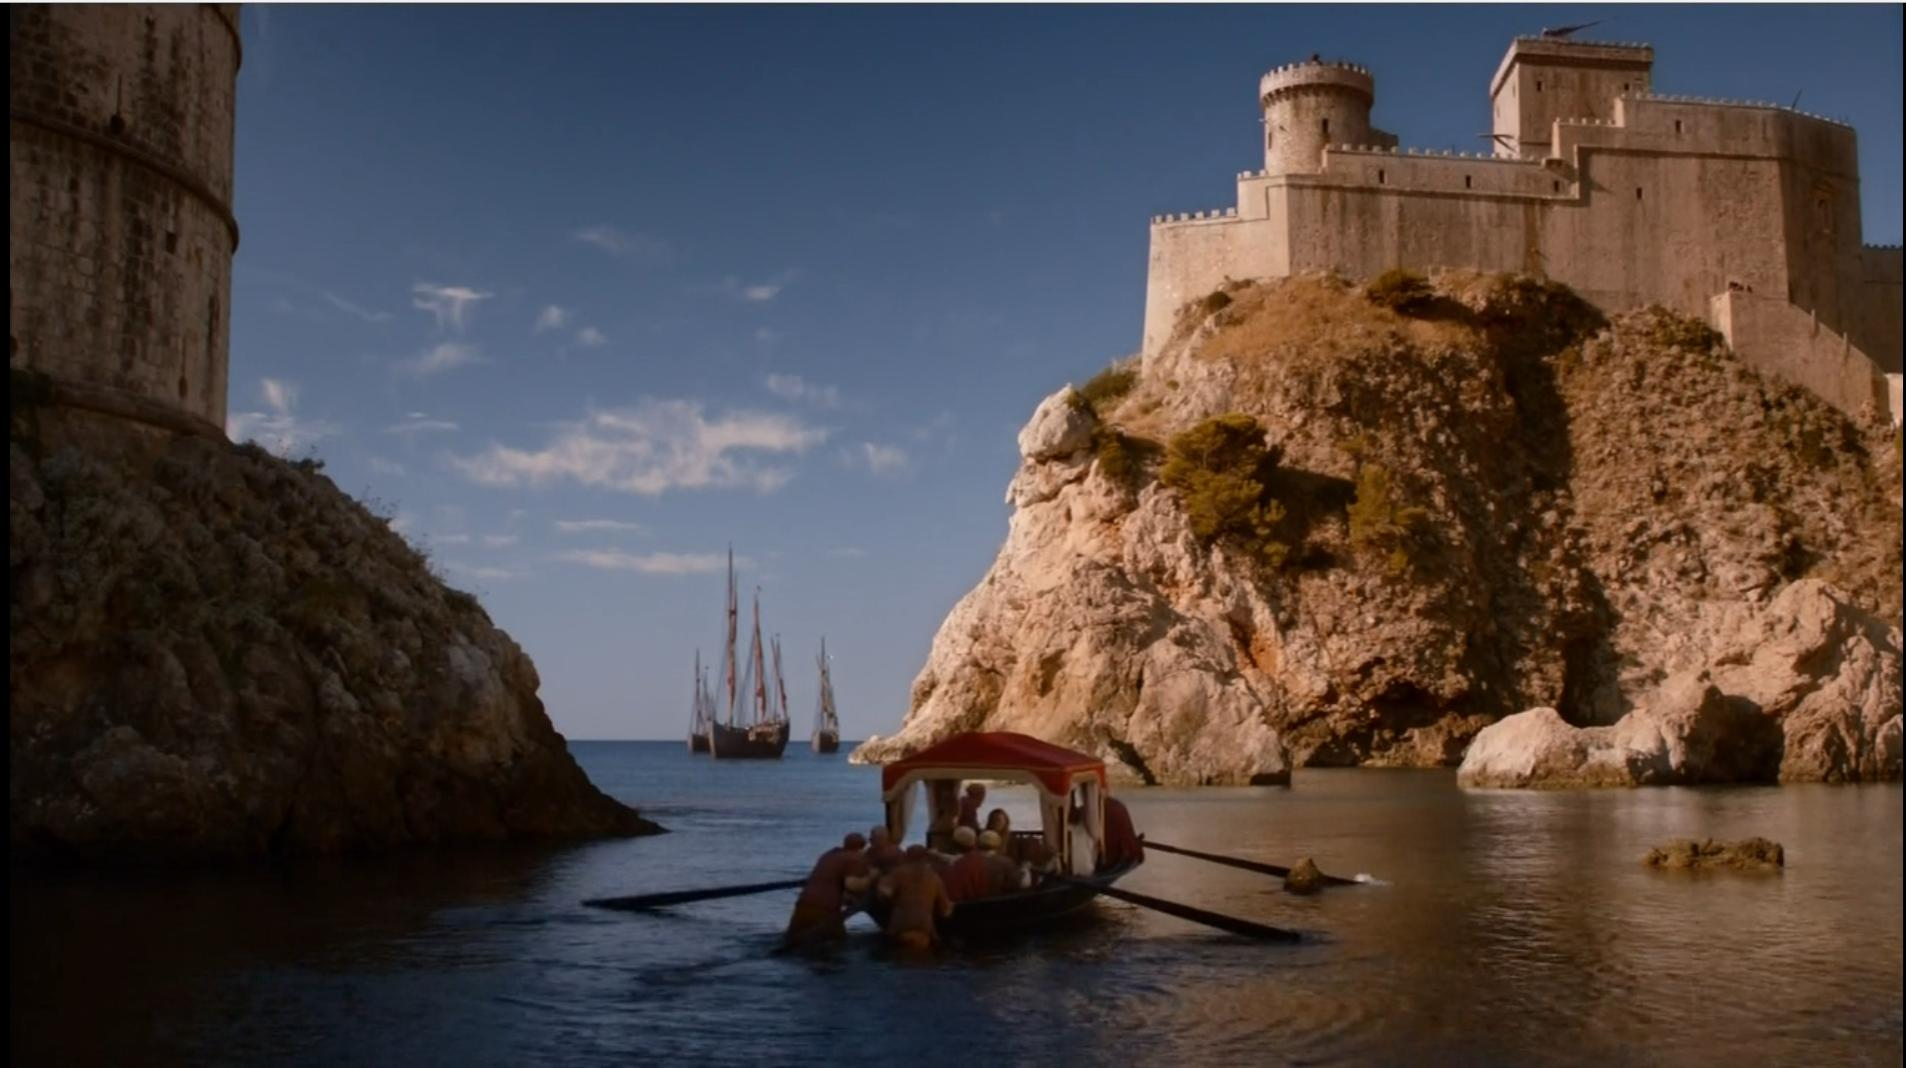 King's Landing - Game of Thrones